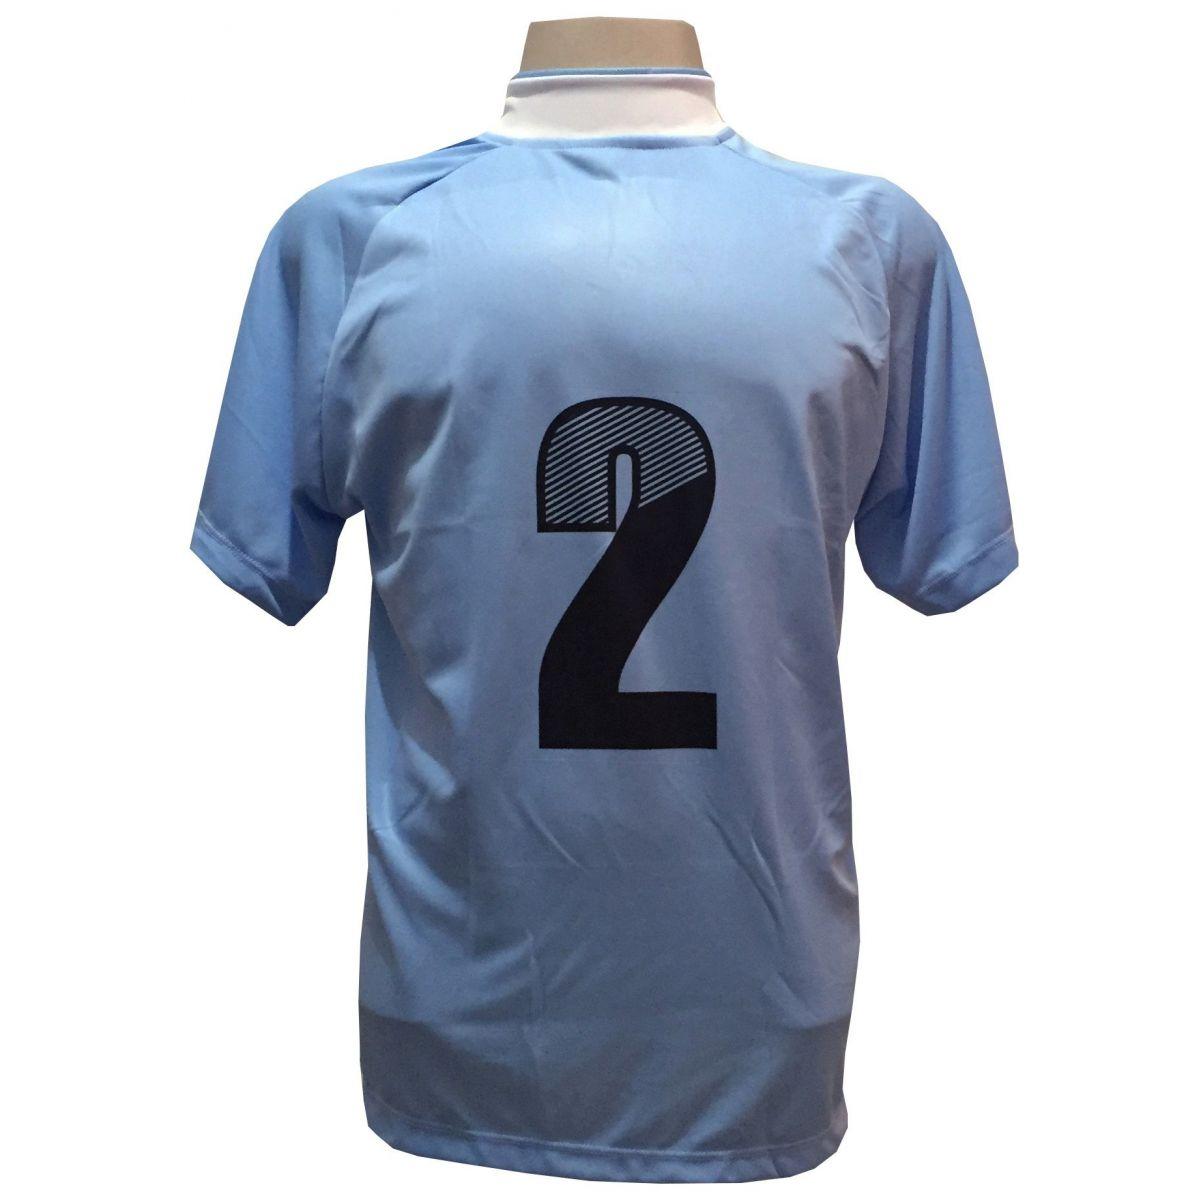 Fardamento Completo modelo Milan 12+1 (12 Camisas Celeste/Branco + 12 Calções Preto/Branco + 12 Pares de Meiões Brancos + 1 Conjunto de Goleiro) + Brindes